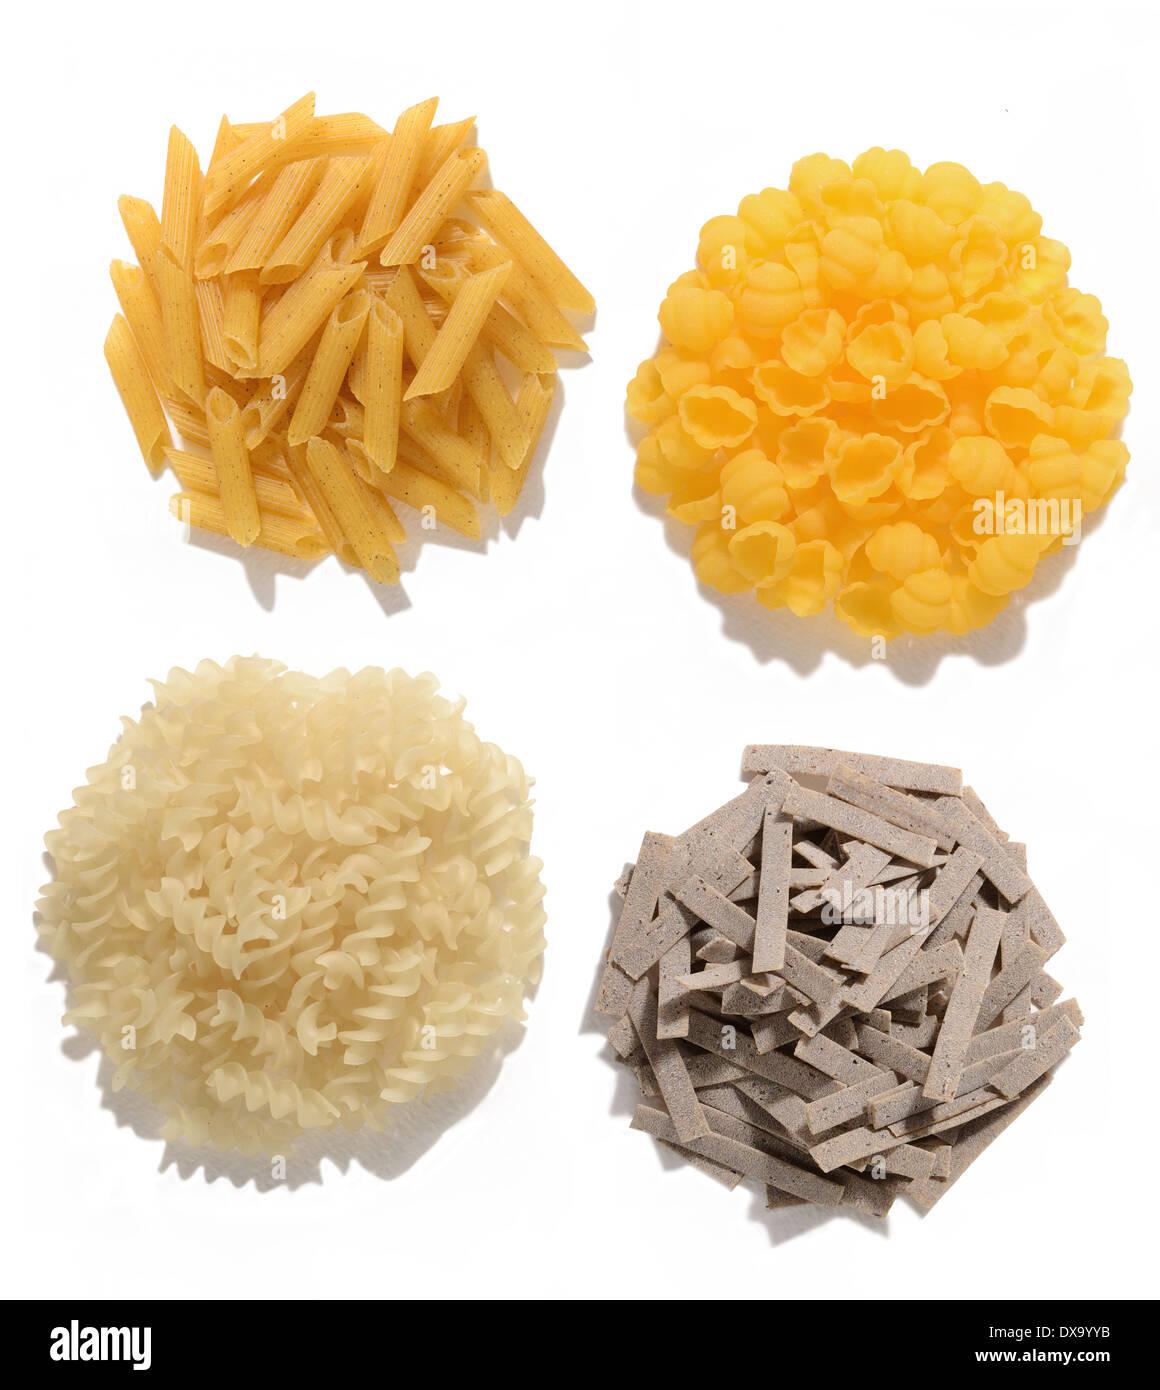 Senza glutine pasta di mais, grano saraceno, riso e mais Immagini Stock